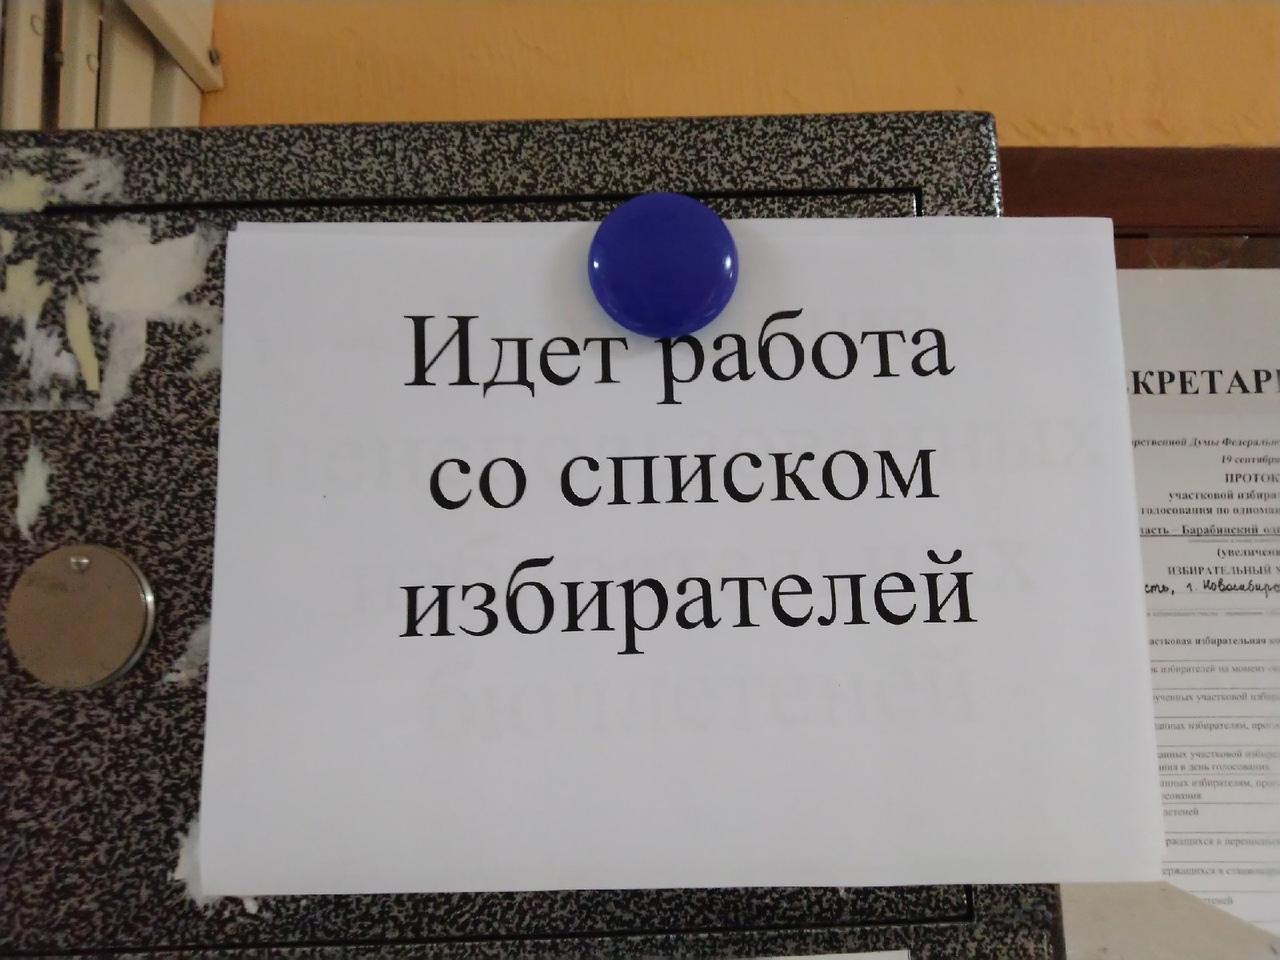 Фото Выборы в Новосибирске: онлайн дня голосования за депутатов Госдумы 19 сентября 2021 года 5